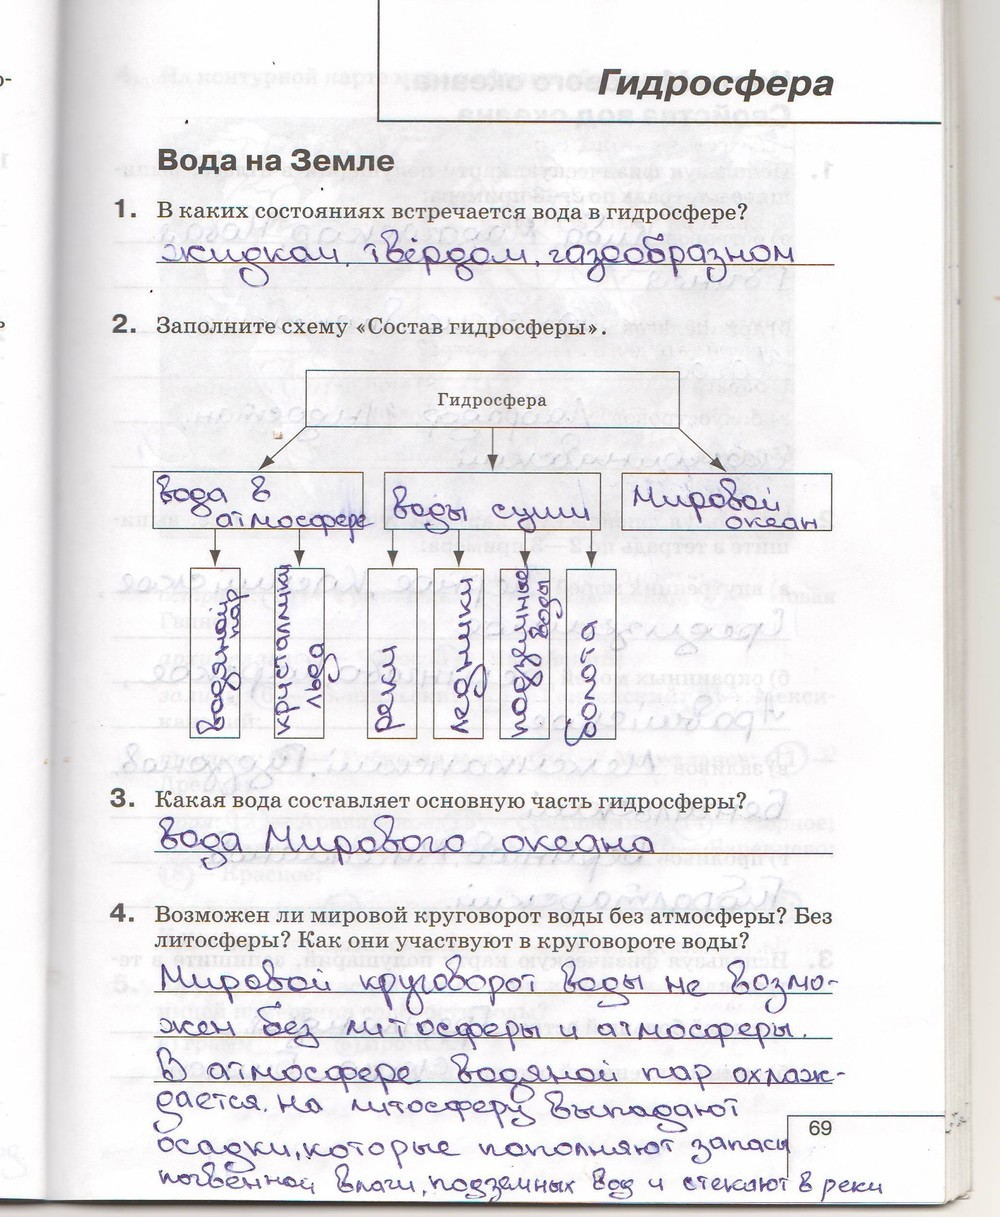 гдз рабочая тетрадь по геометрии 6 класс ответы герасимова